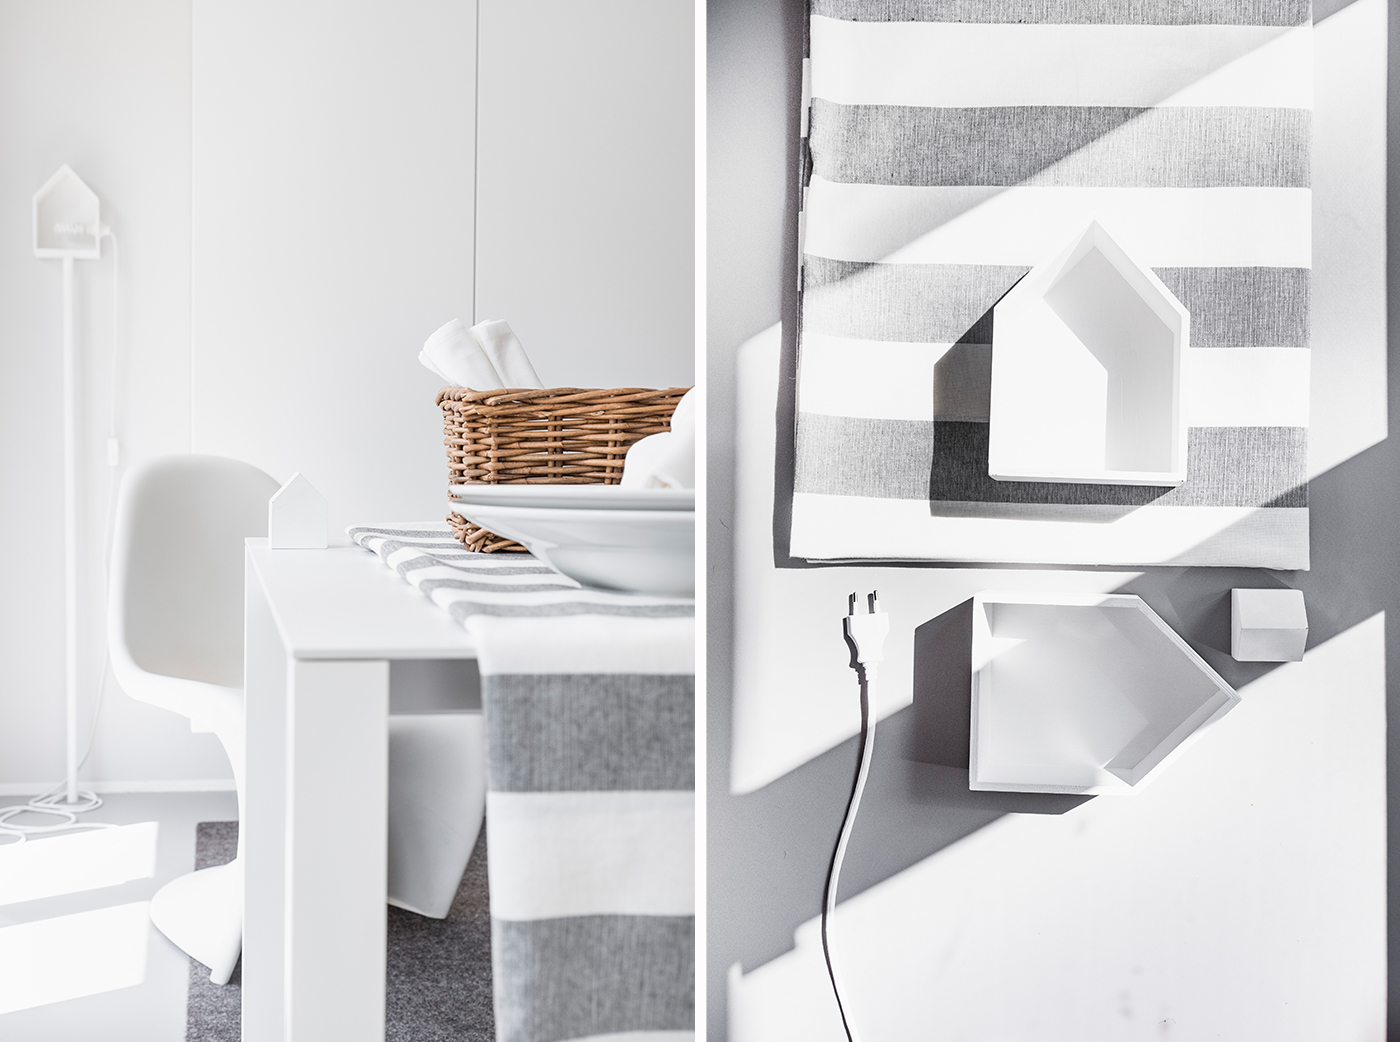 DIY-Lampe - Eine Stehleuchte aus Holz